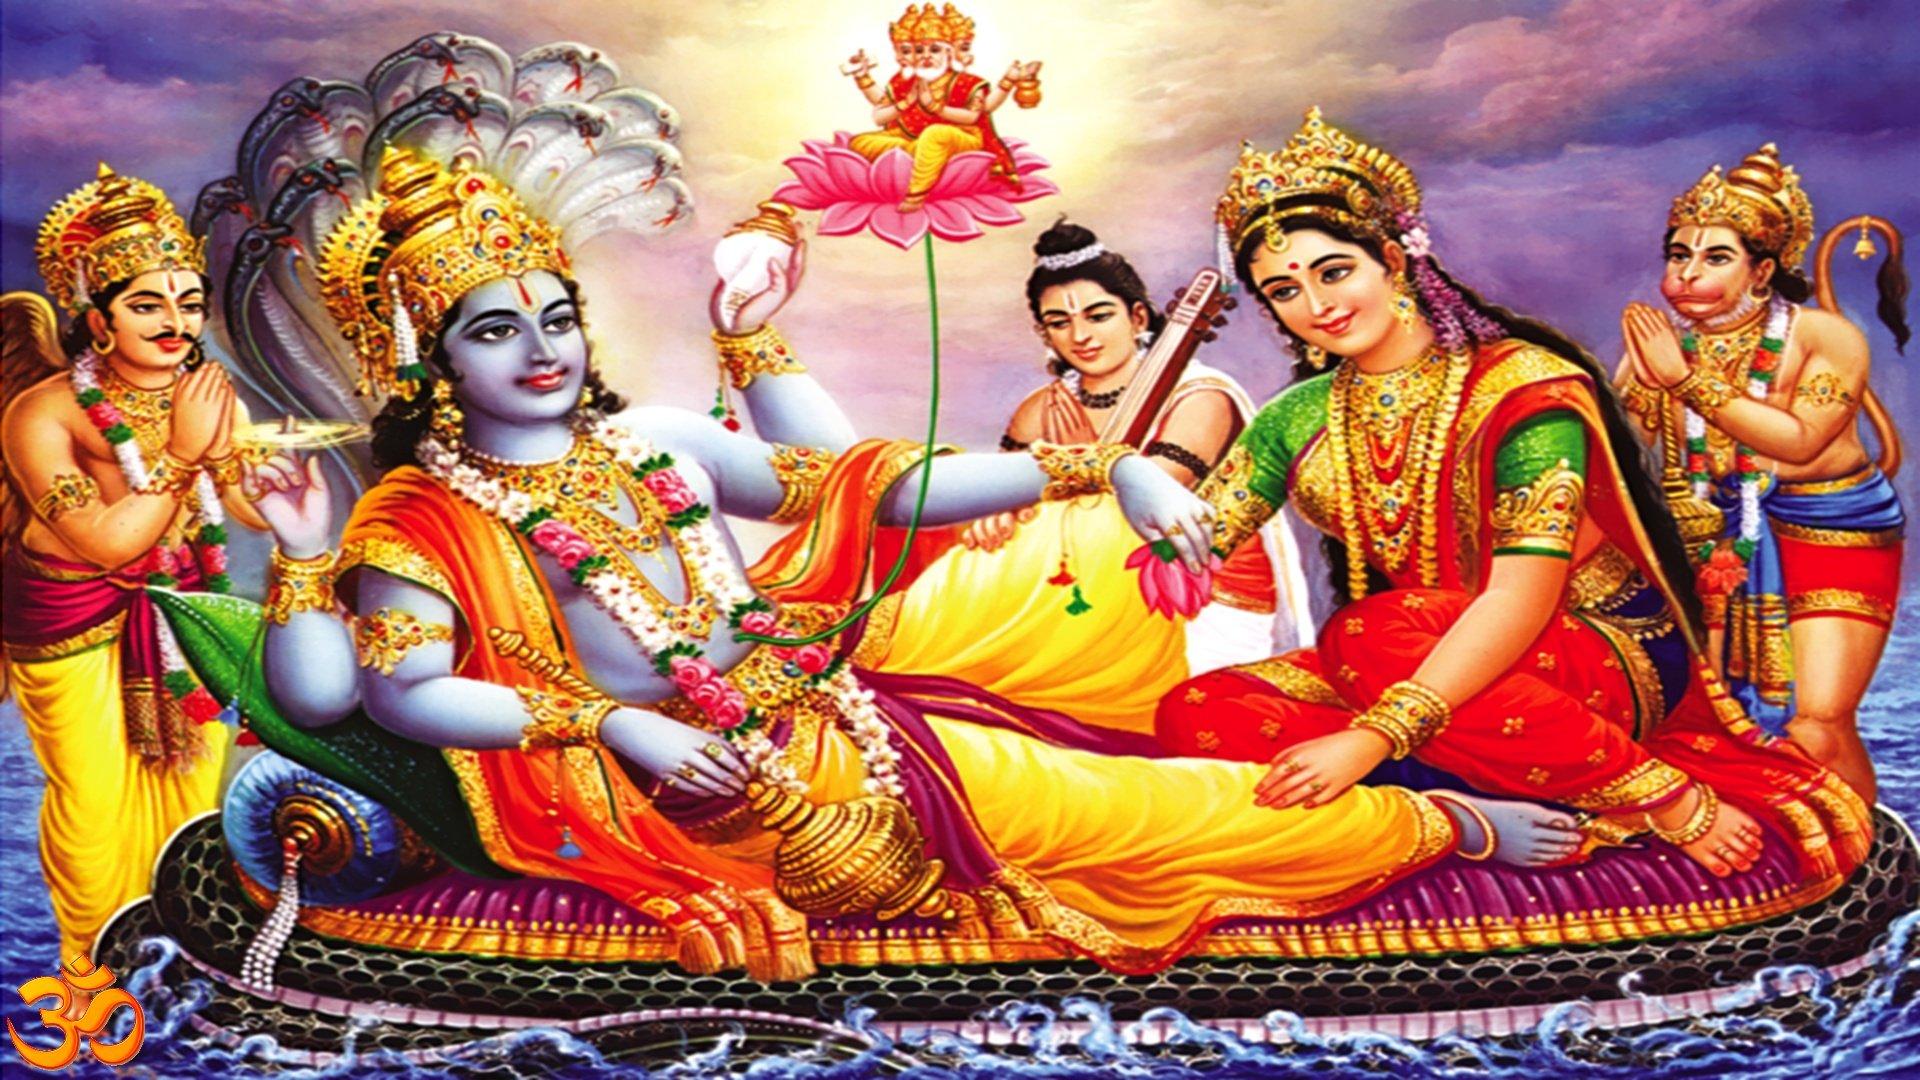 vishnu-ji-mata-laxmi-narad-and-hanuman